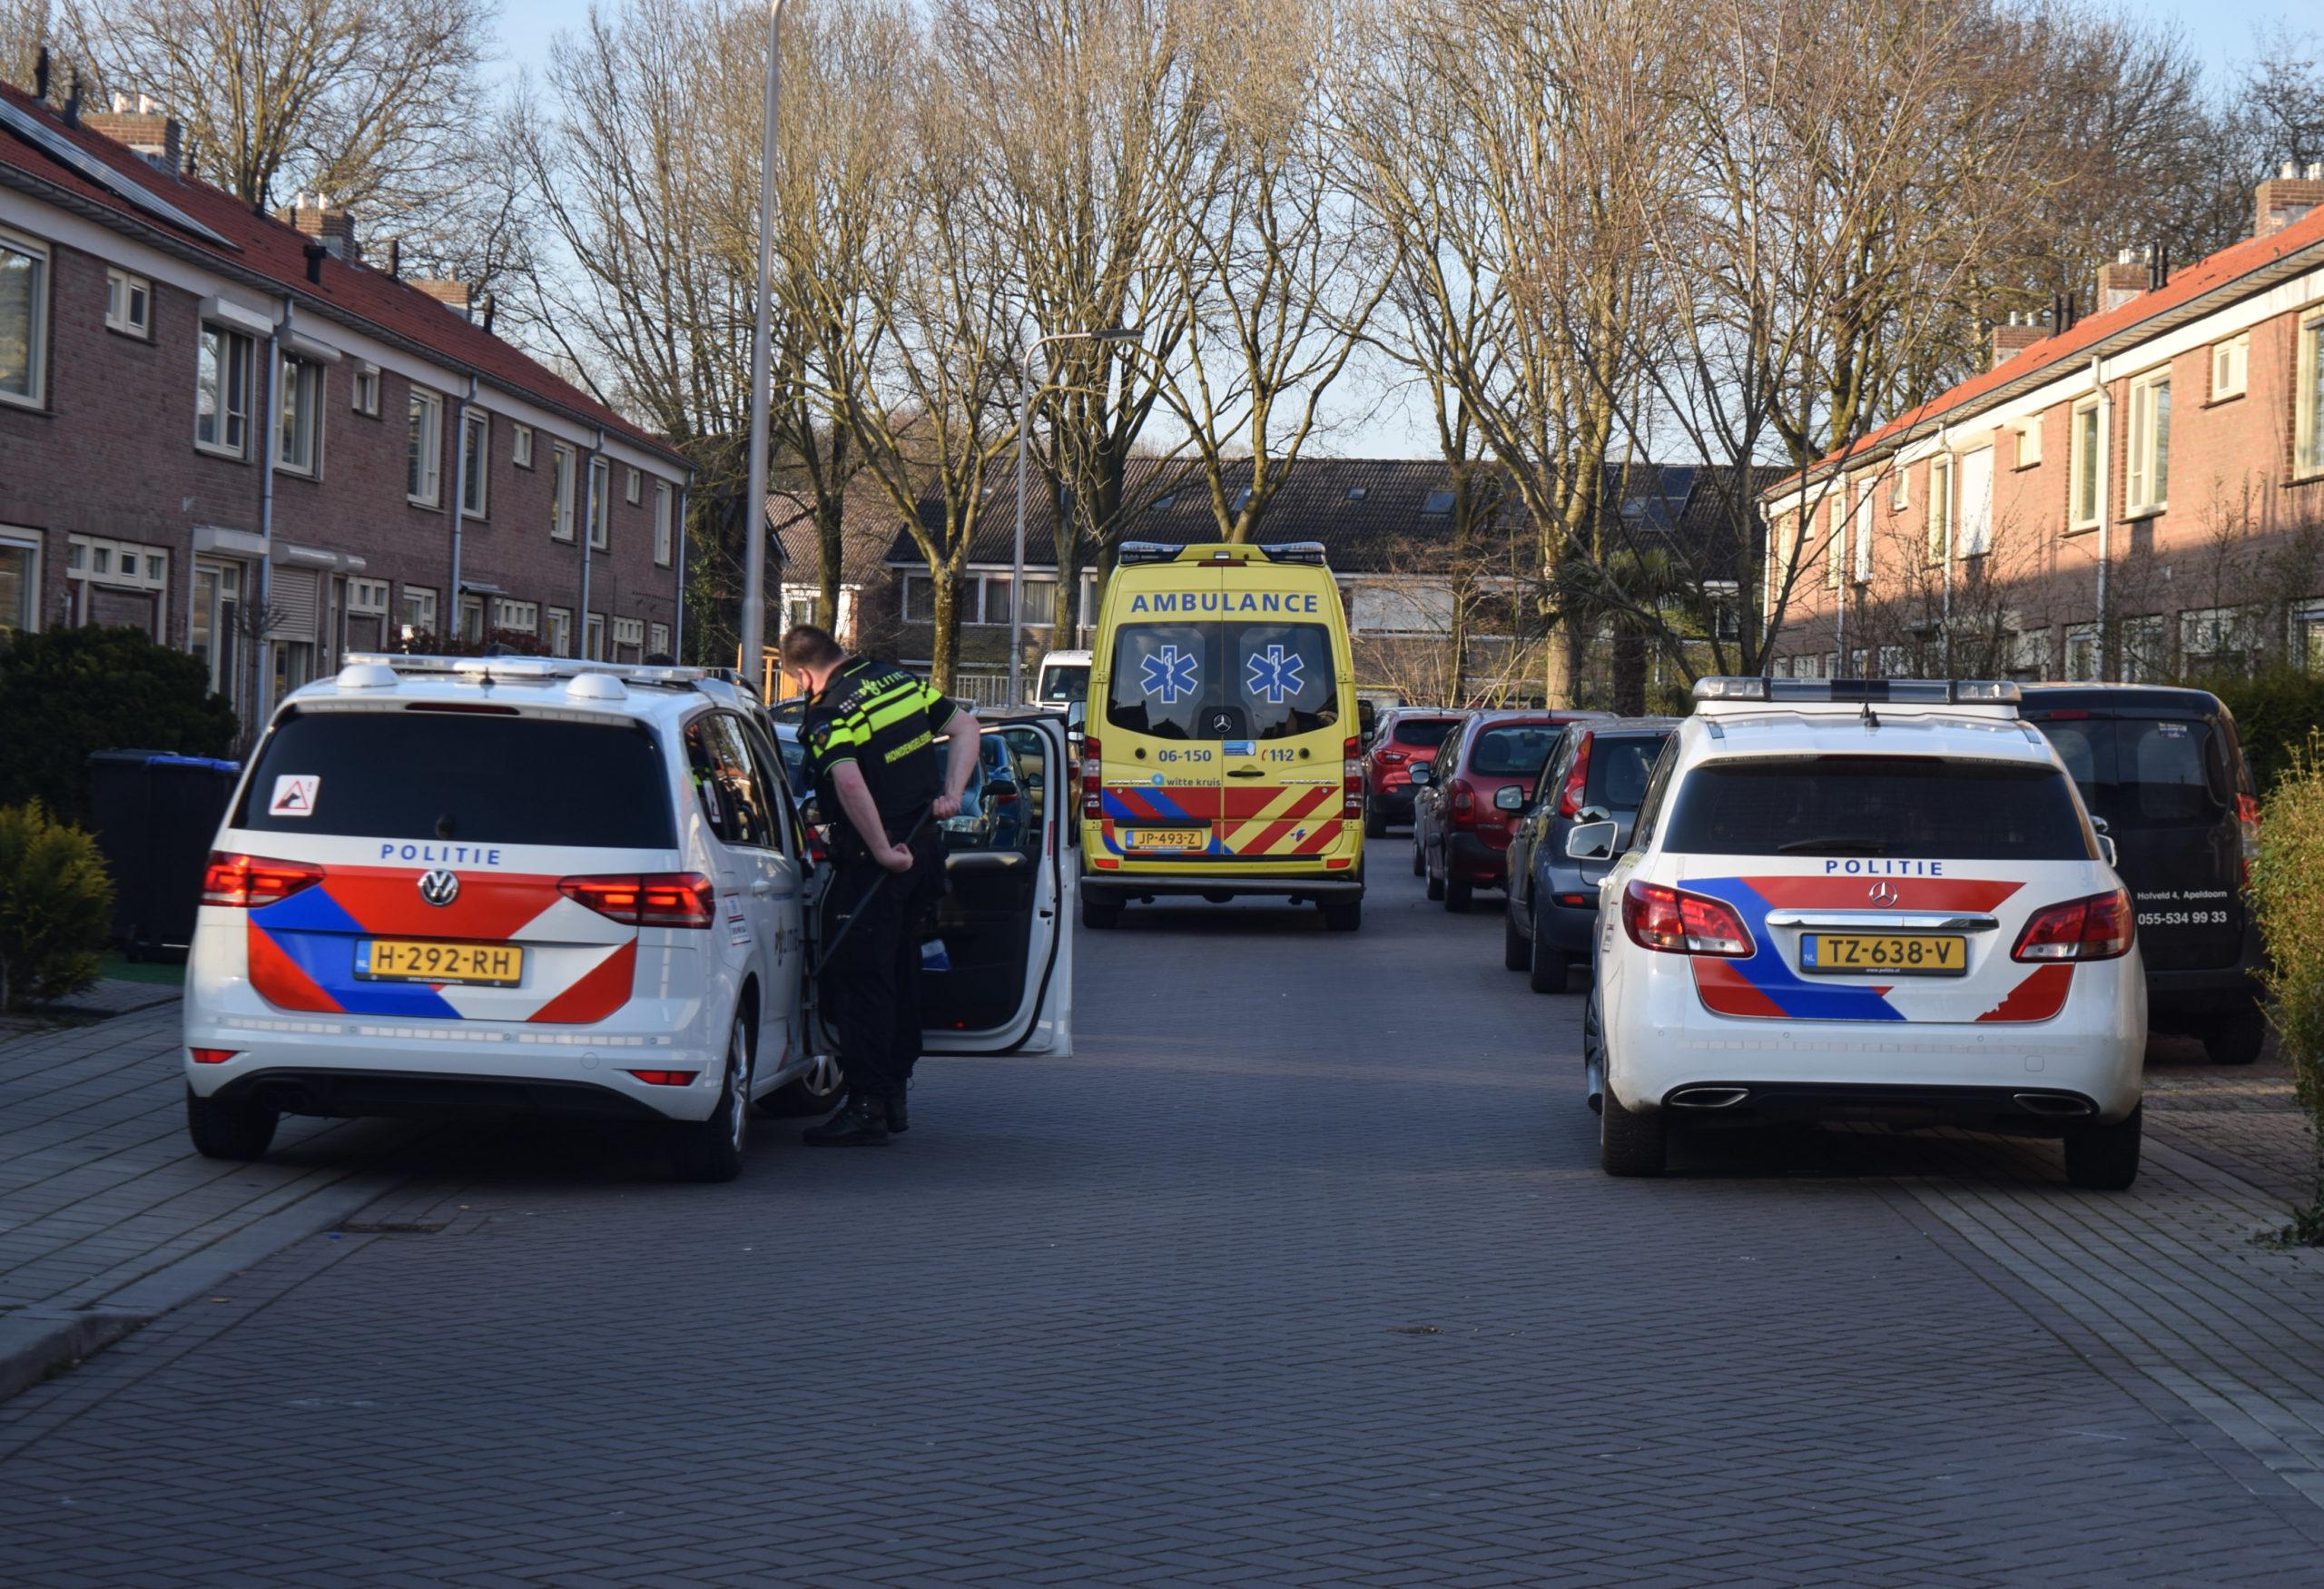 Politie rukt met meerdere eenheden uit voor incident in woning